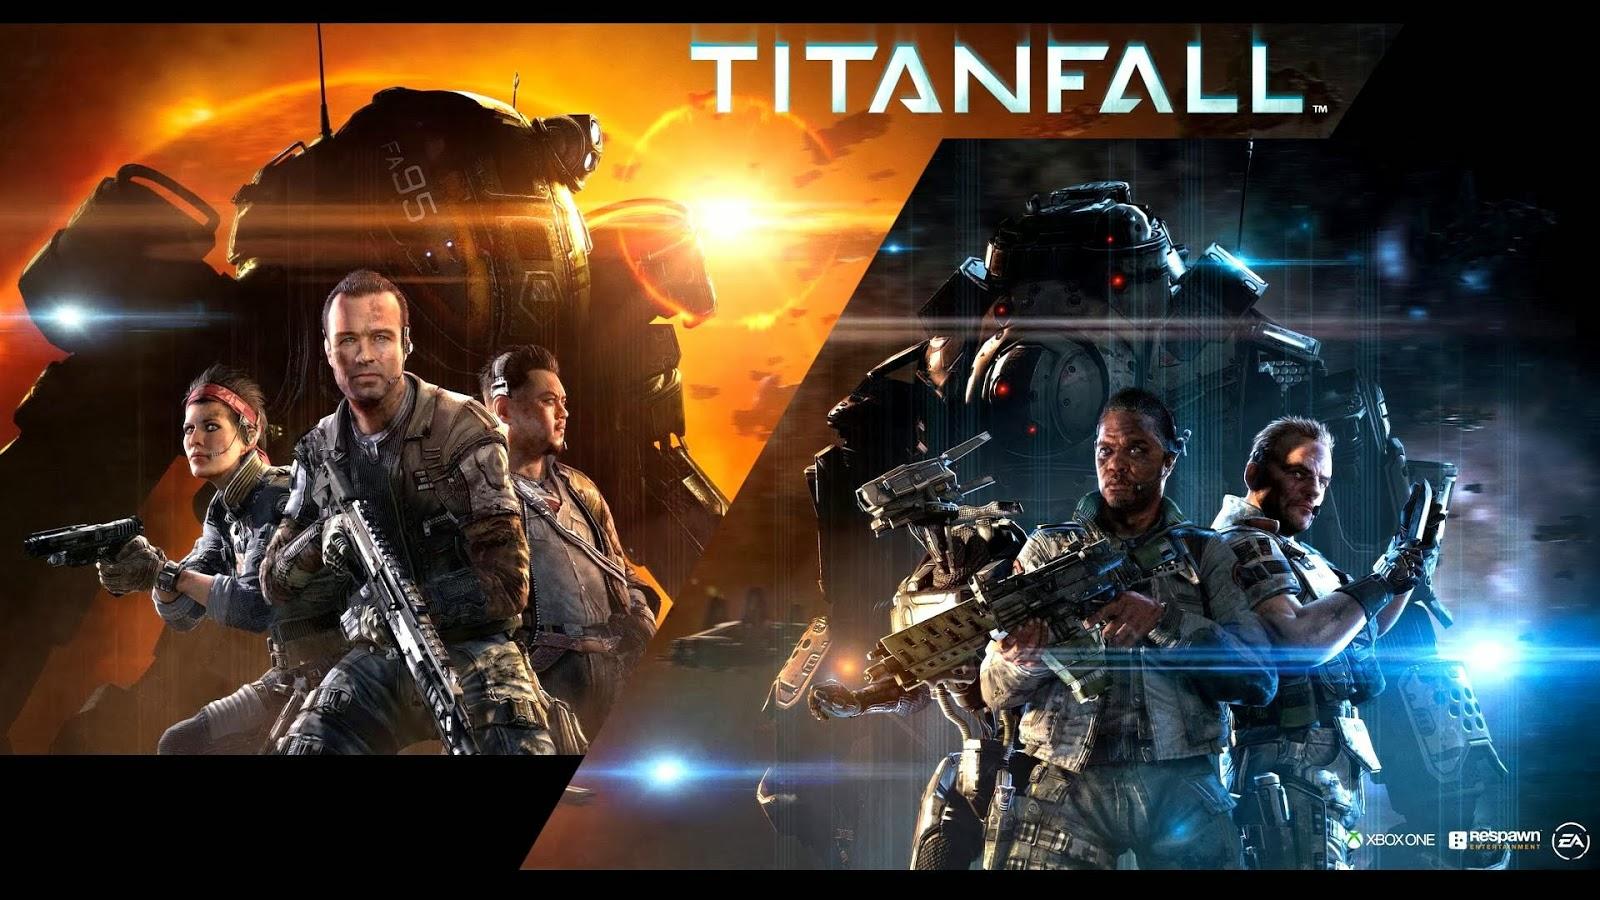 TitanFall – очередной эксклюзив для Xbox One или нечто большее?